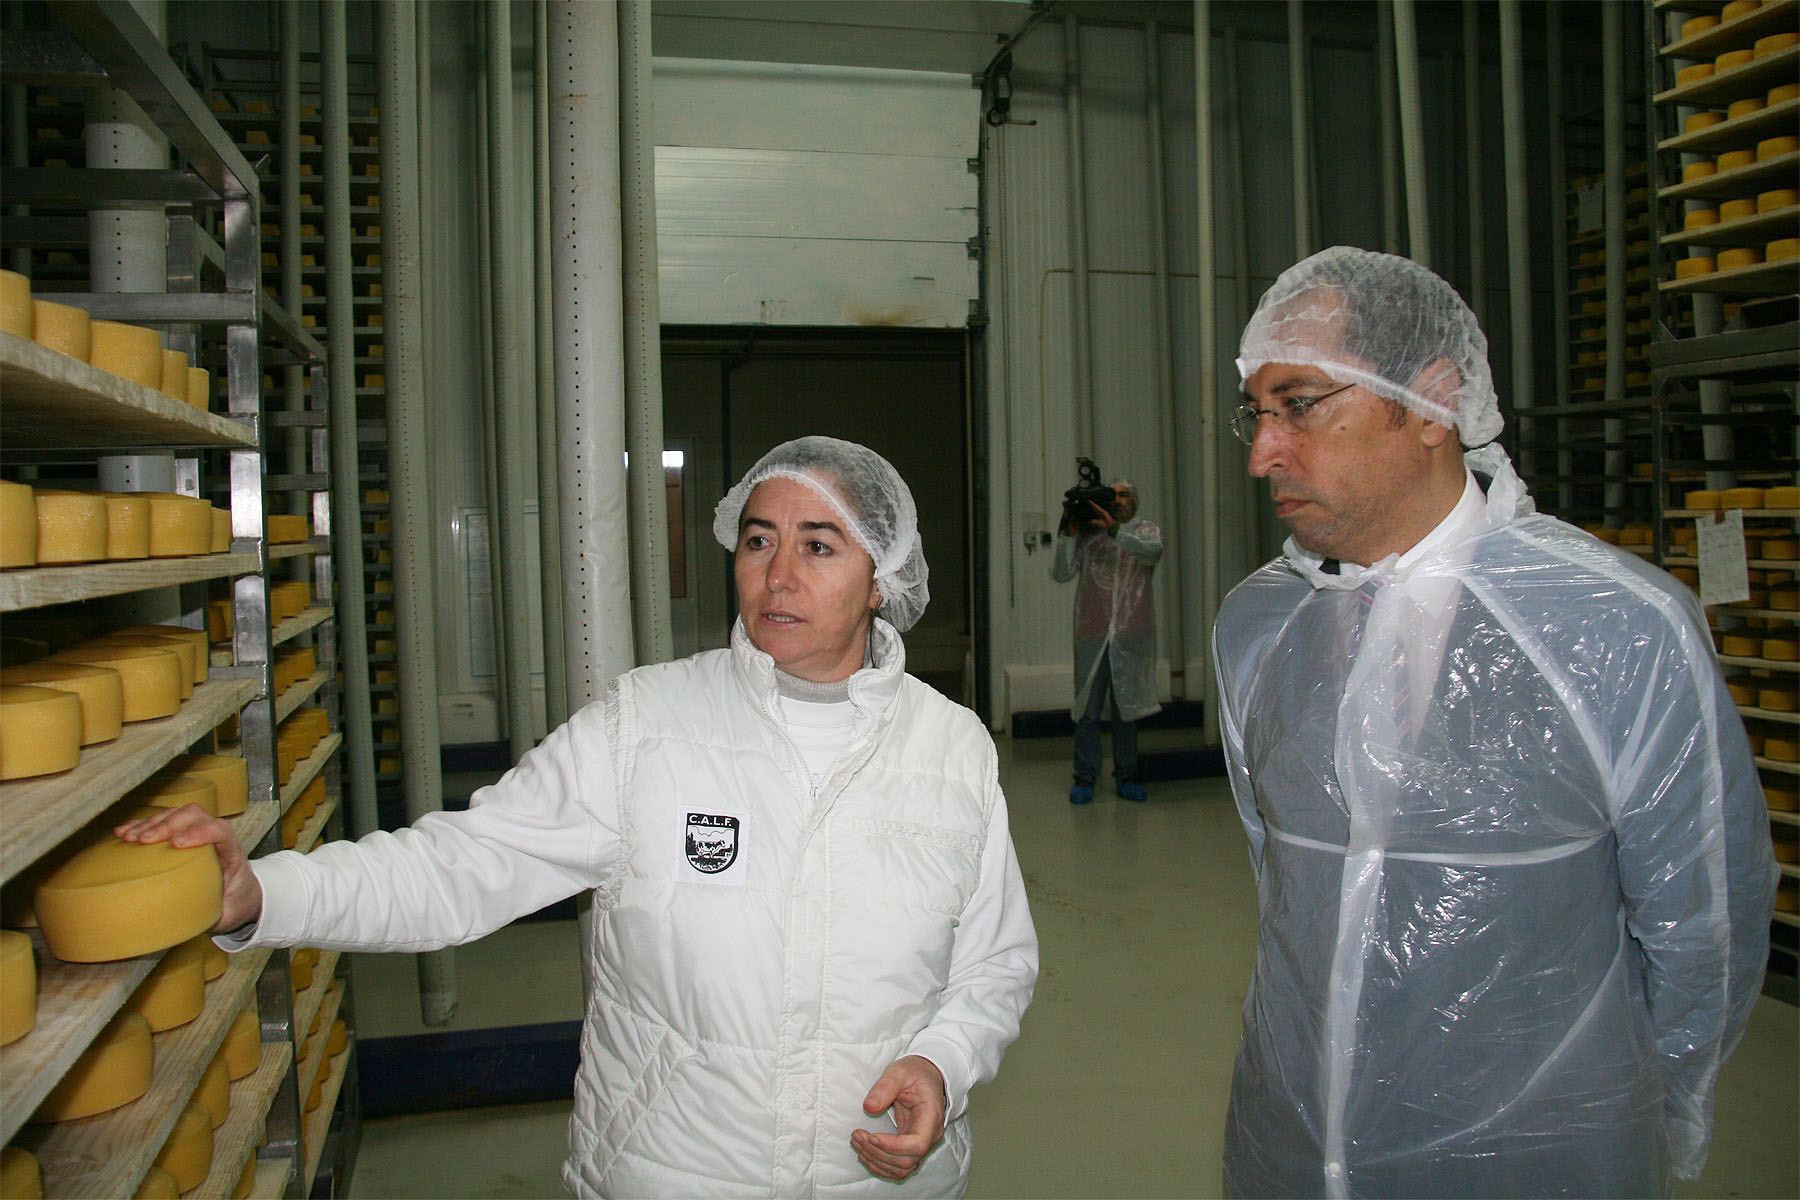 Aumento da produção de leite é importante para o setor agrícola no Faial, afirma João Ponte